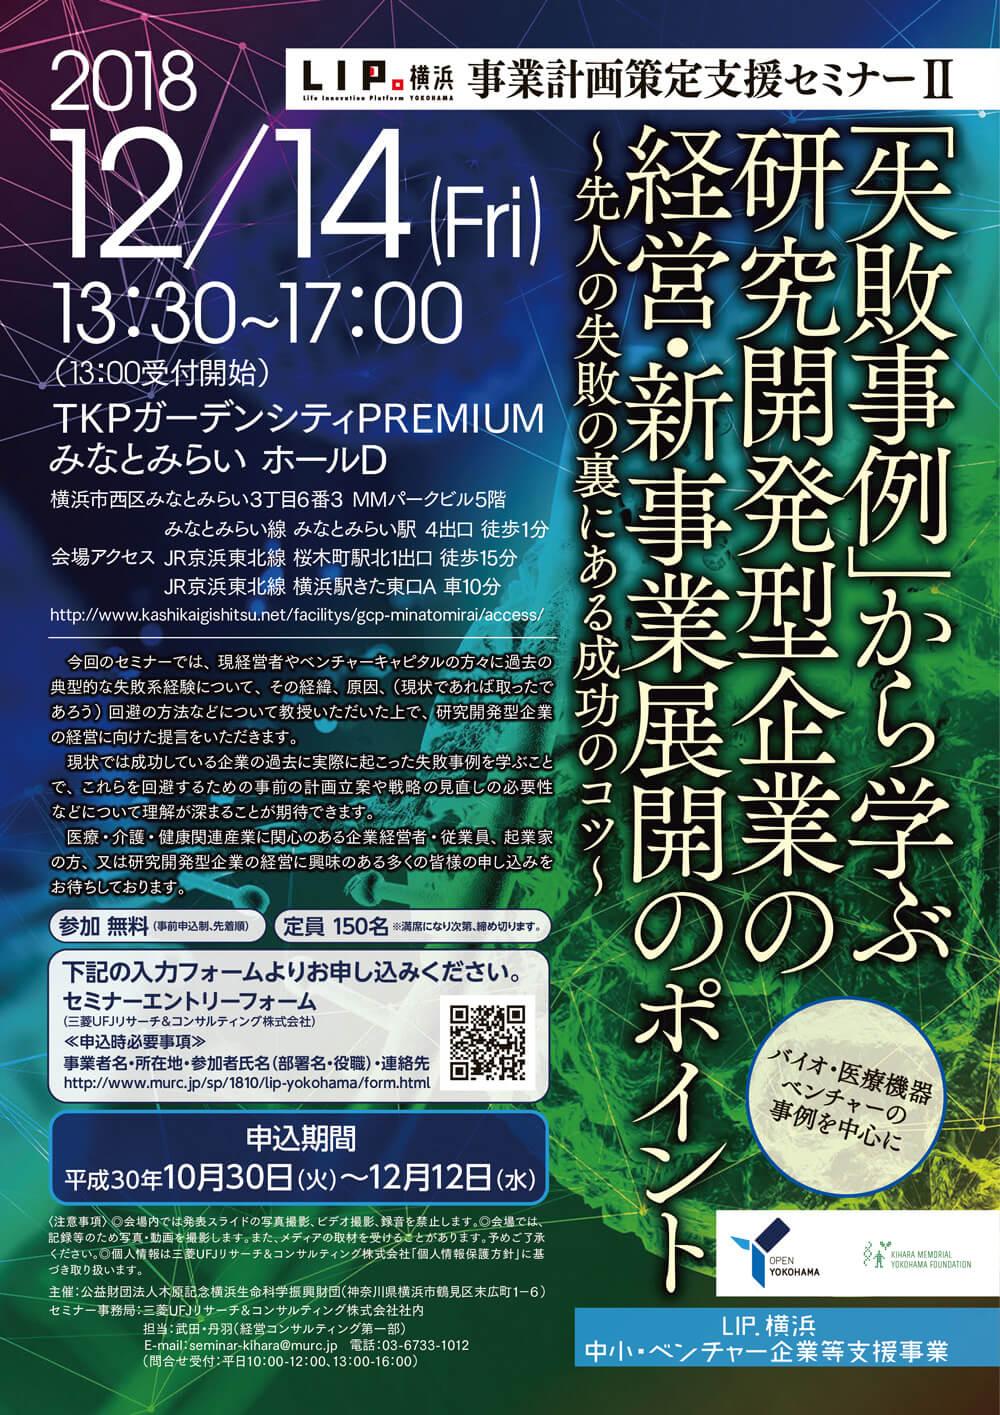 【12/14(金)】参加者募集中! 過去の失敗事例から学ぶ「LIP.横浜事業計画策定支援セミナー2」01